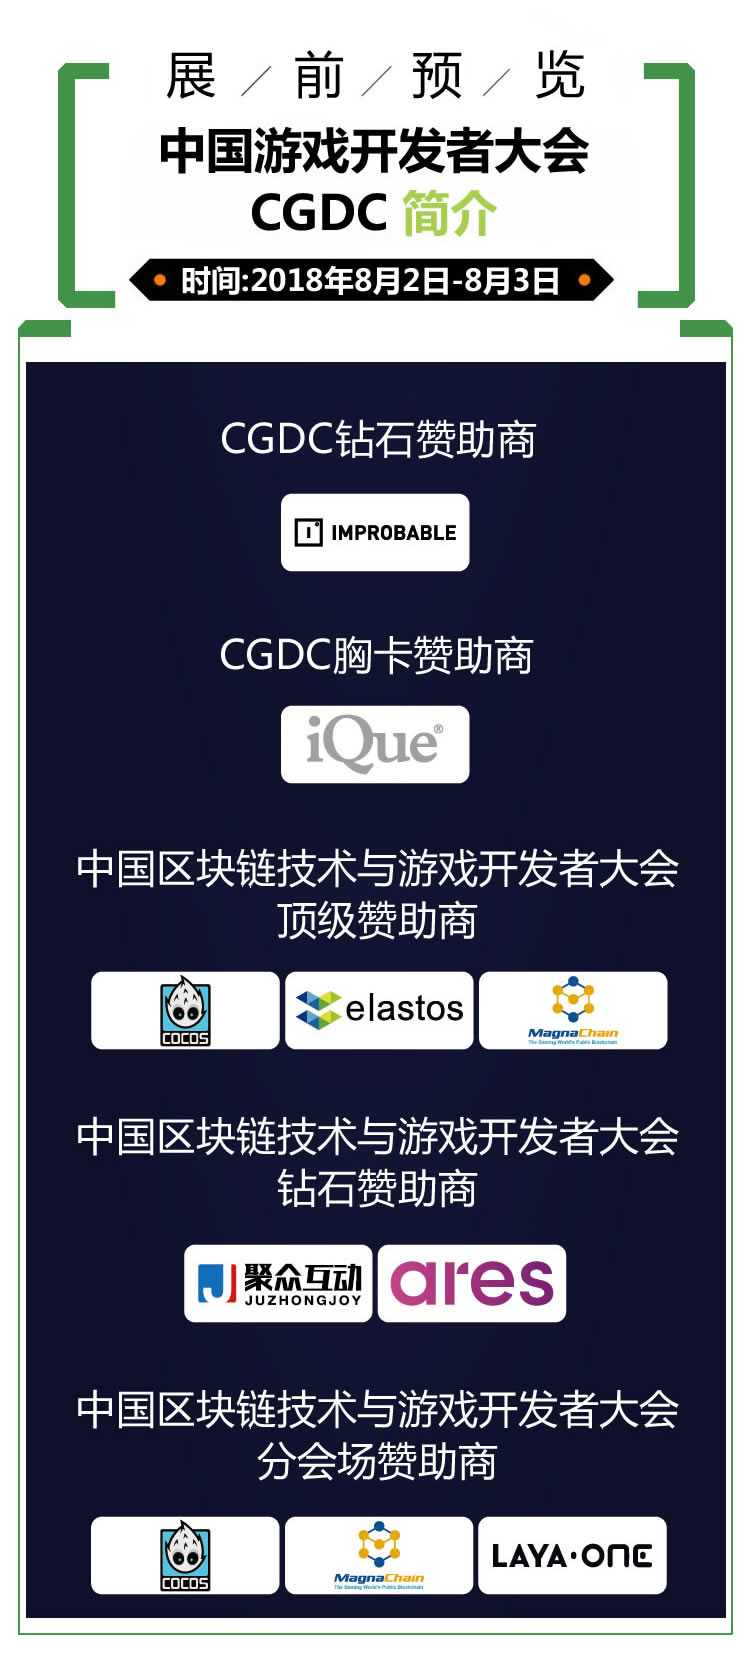 2018年第十六届ChinaJoy展前预览(CGDC篇)正式发布!